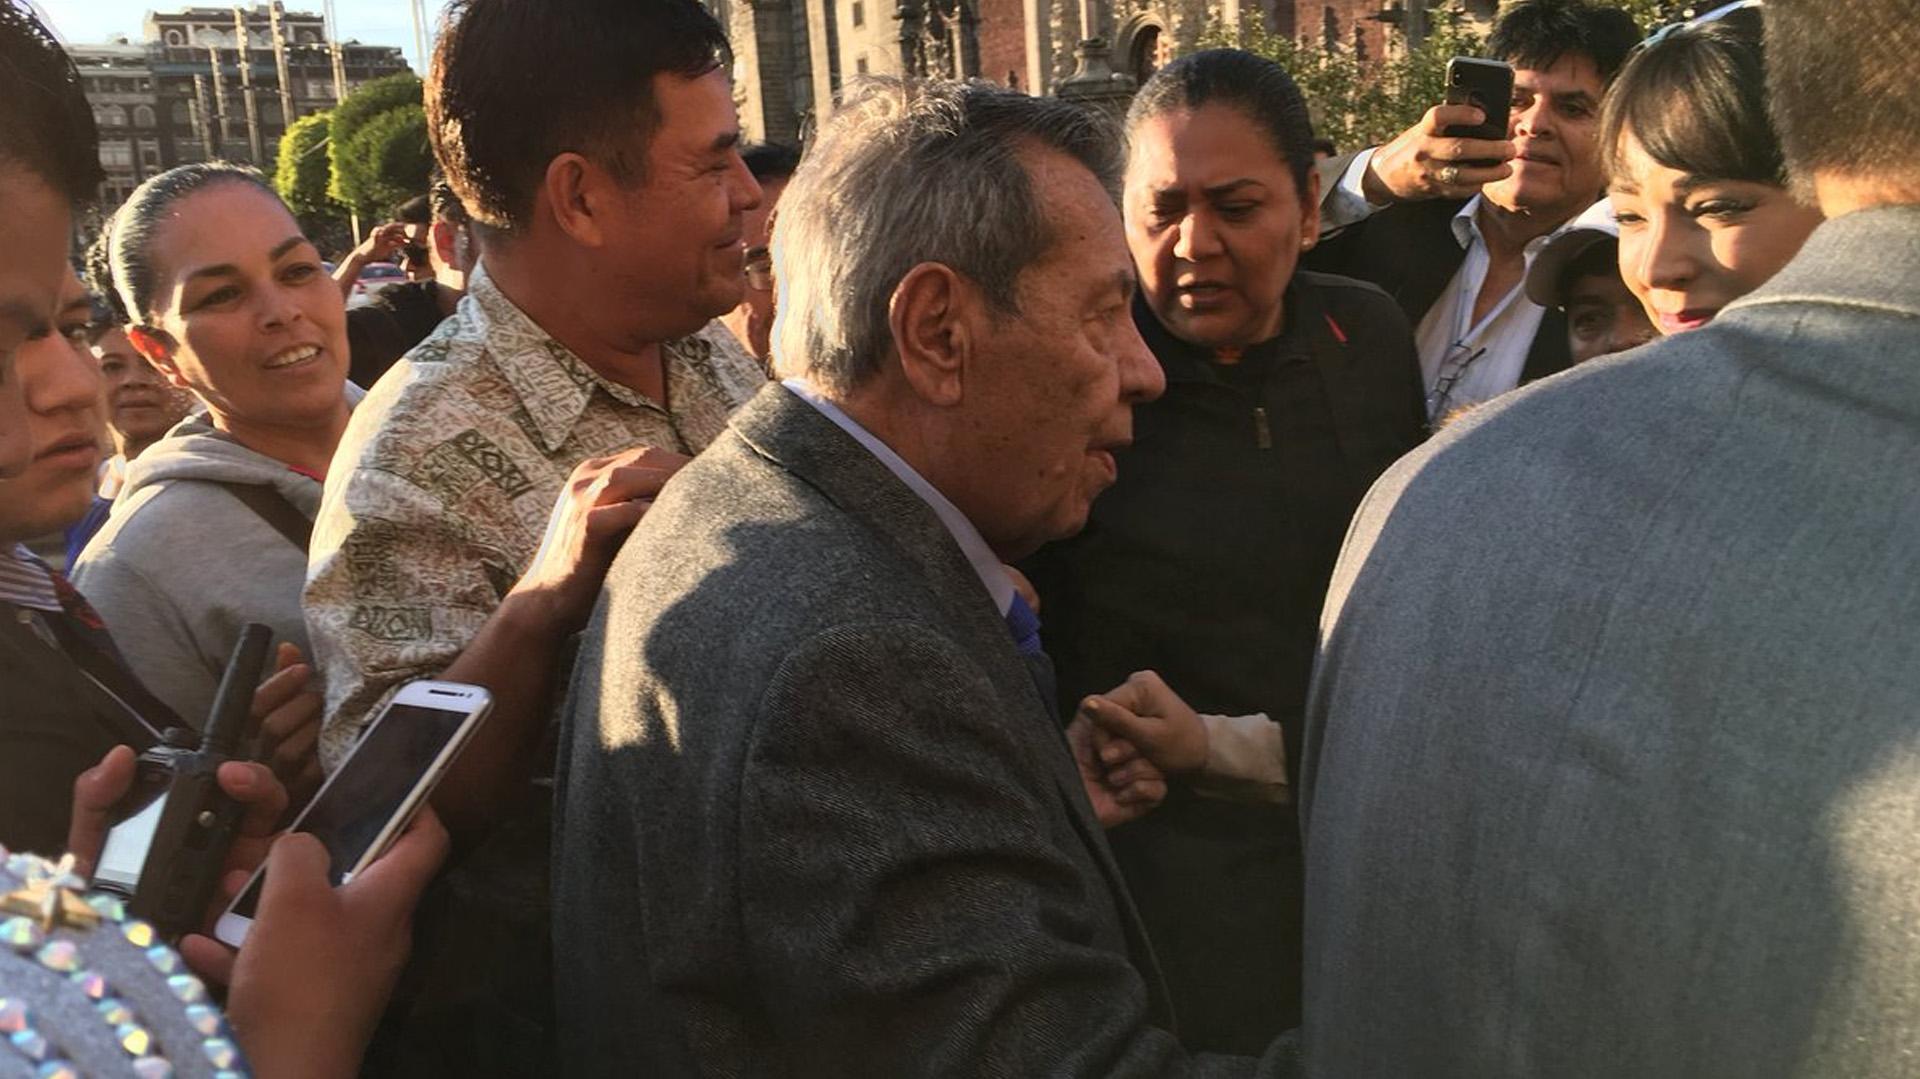 El diputado asistió a la sesión del Consejo Nacional de Seguridad Pública (Foto: @Andreart2001)